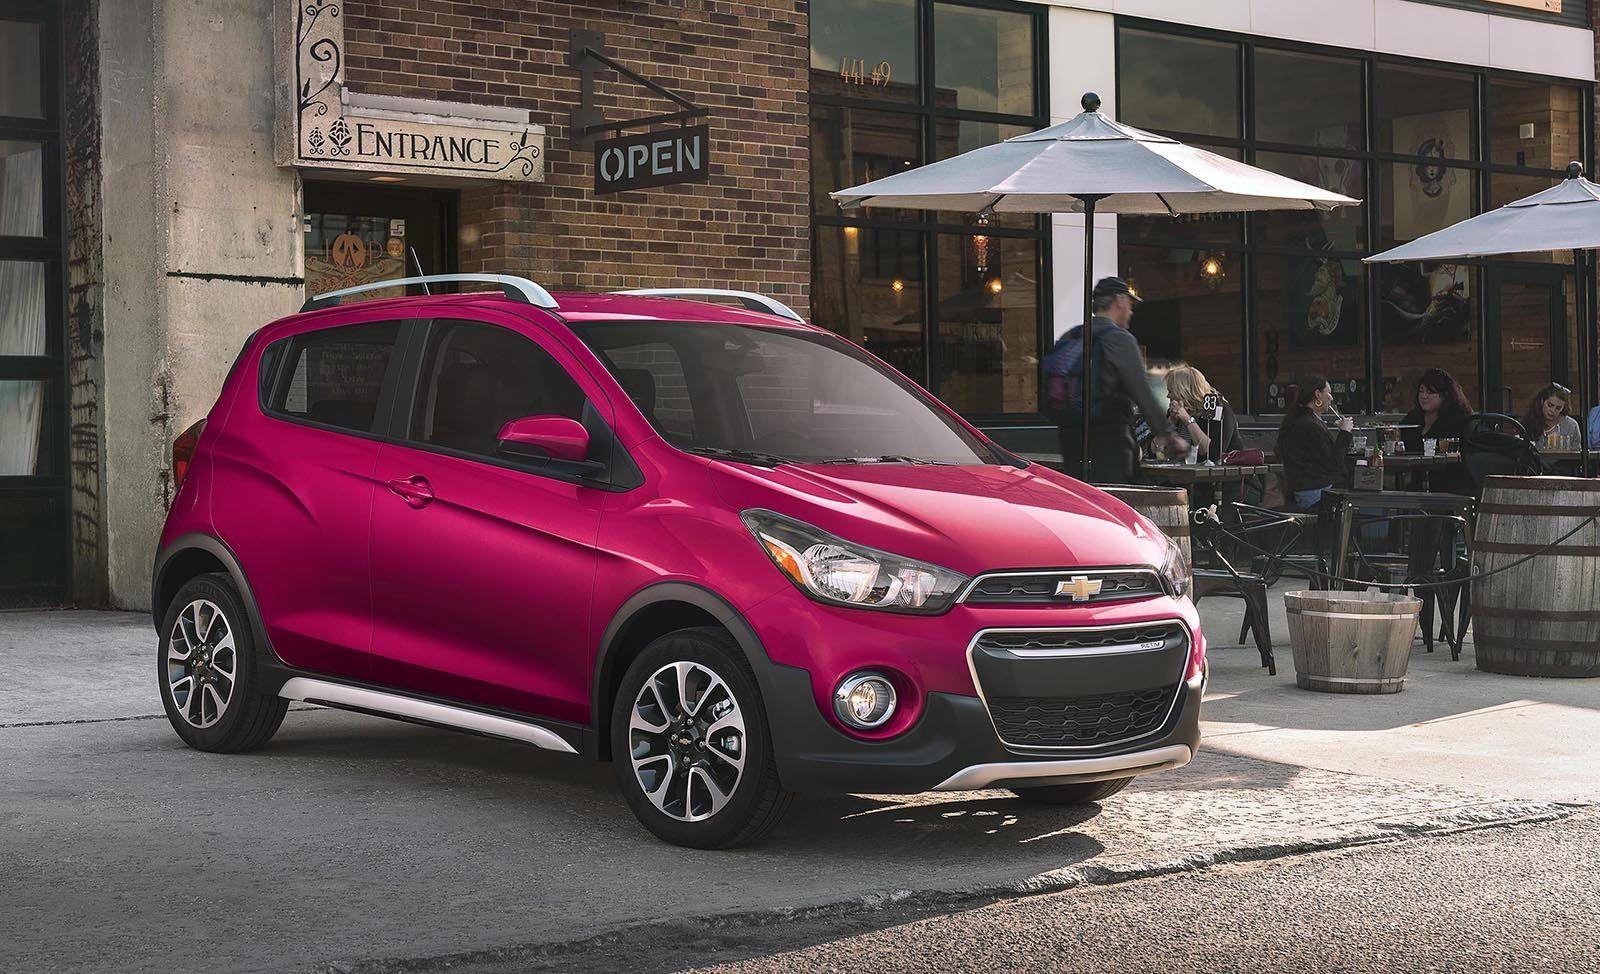 Asi Es La Renovada Gama Chevrolet Spark Para Mexico Chevrolet Spark Autos Venta De Automoviles